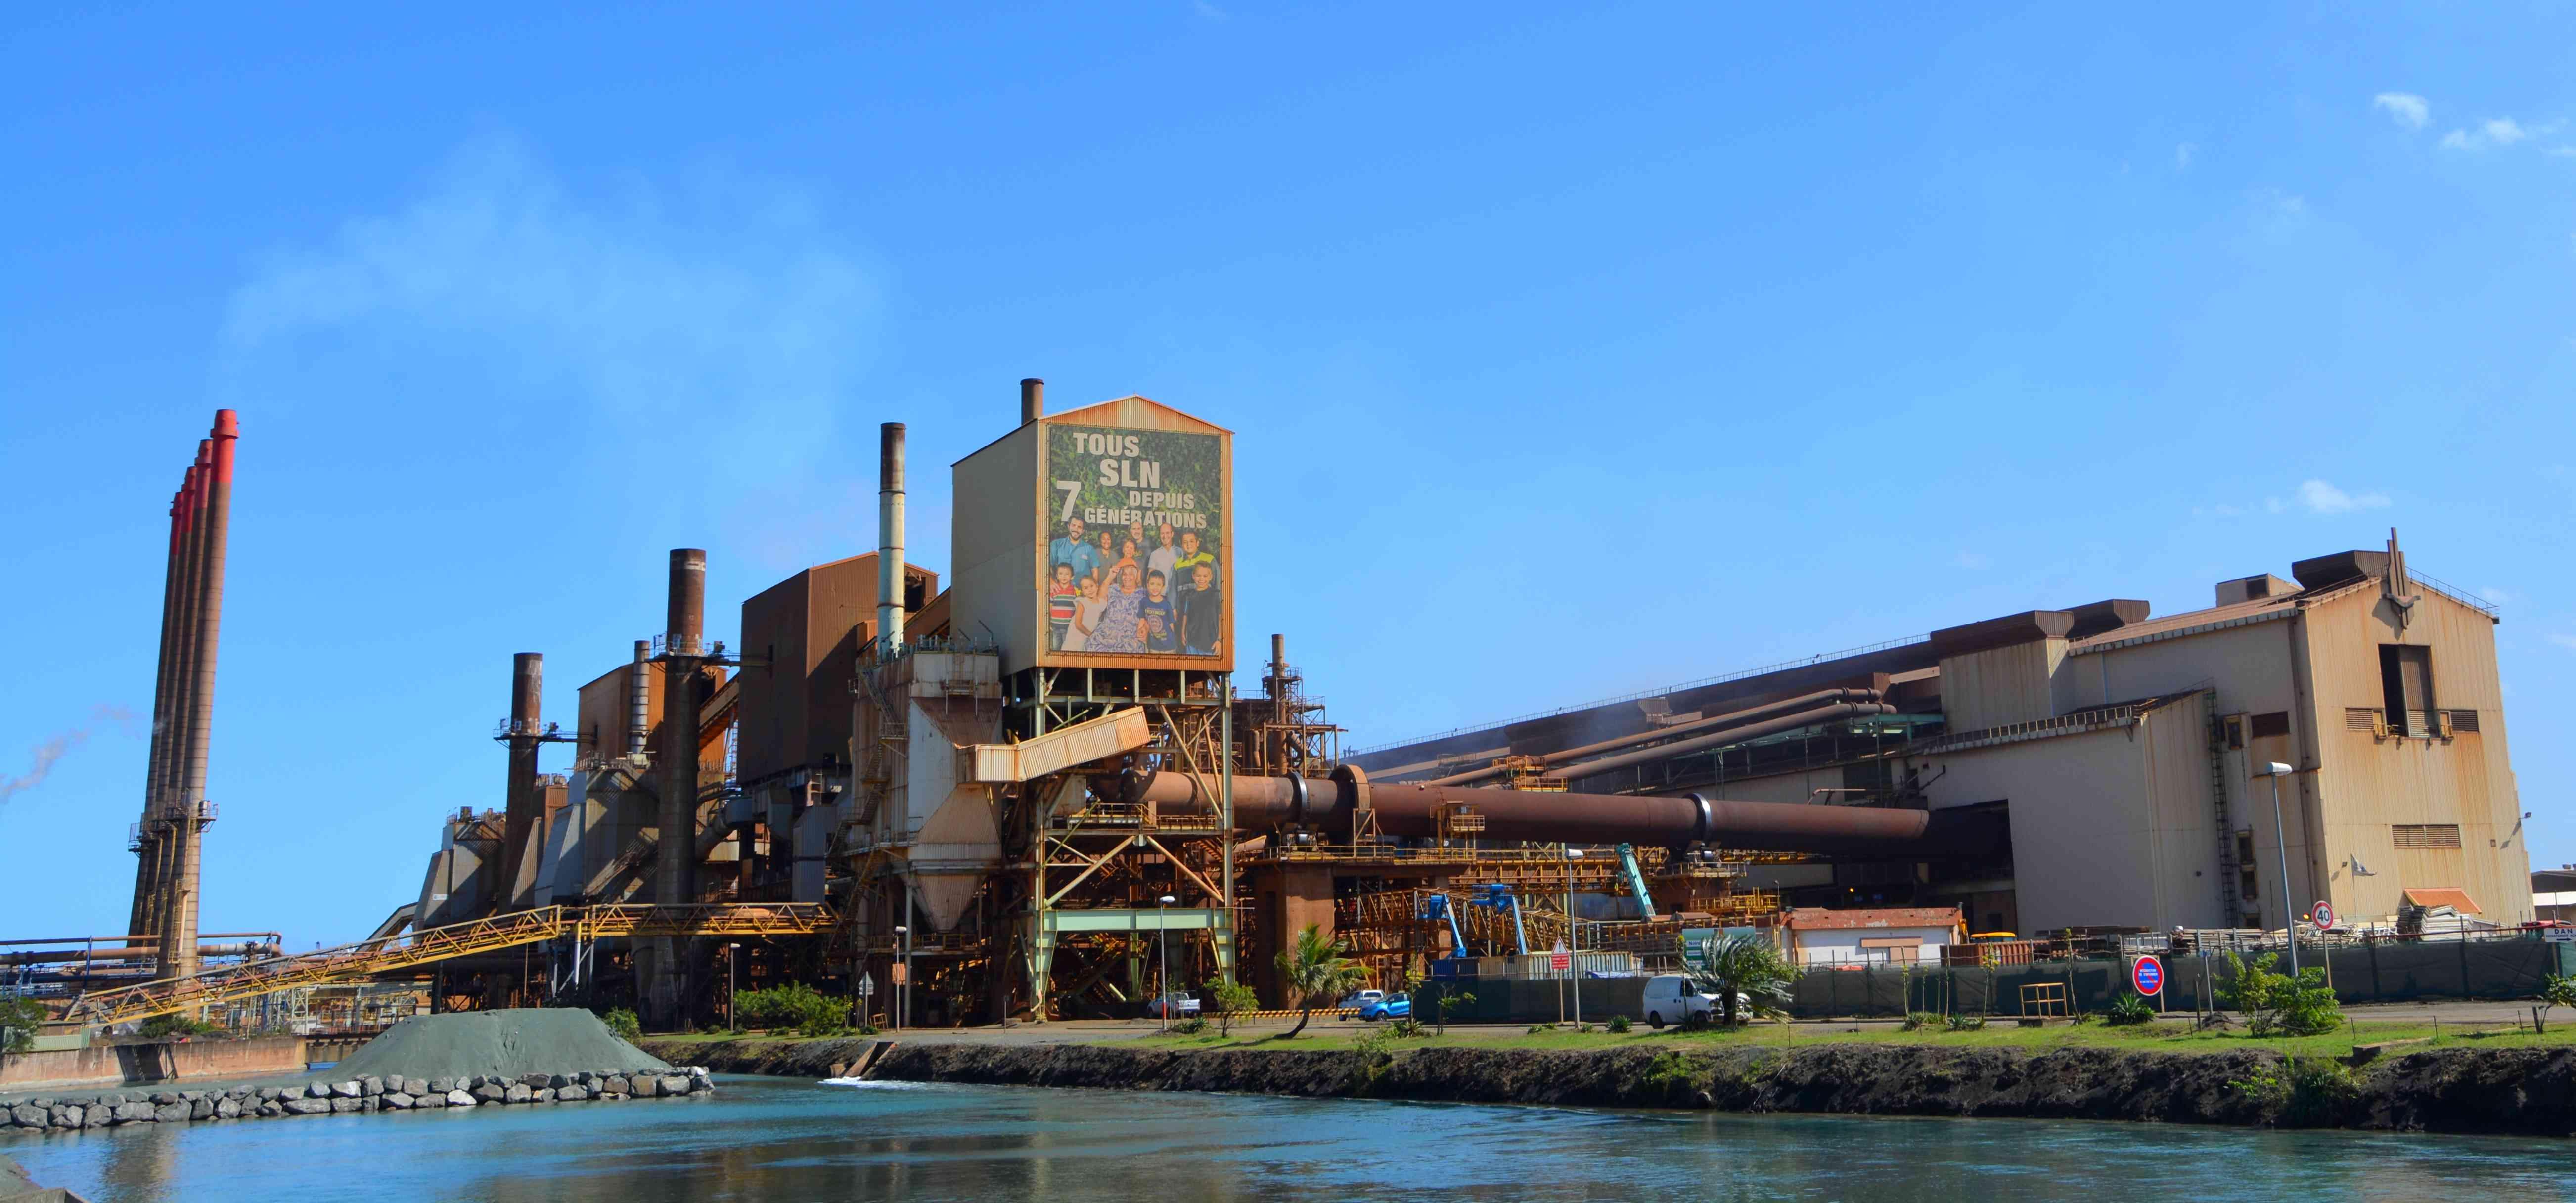 La Société Le Nickel en Nouvelle-Calédonie, qui a fait face à de nombreuses difficultés économiques en 2016 ©Outremers360